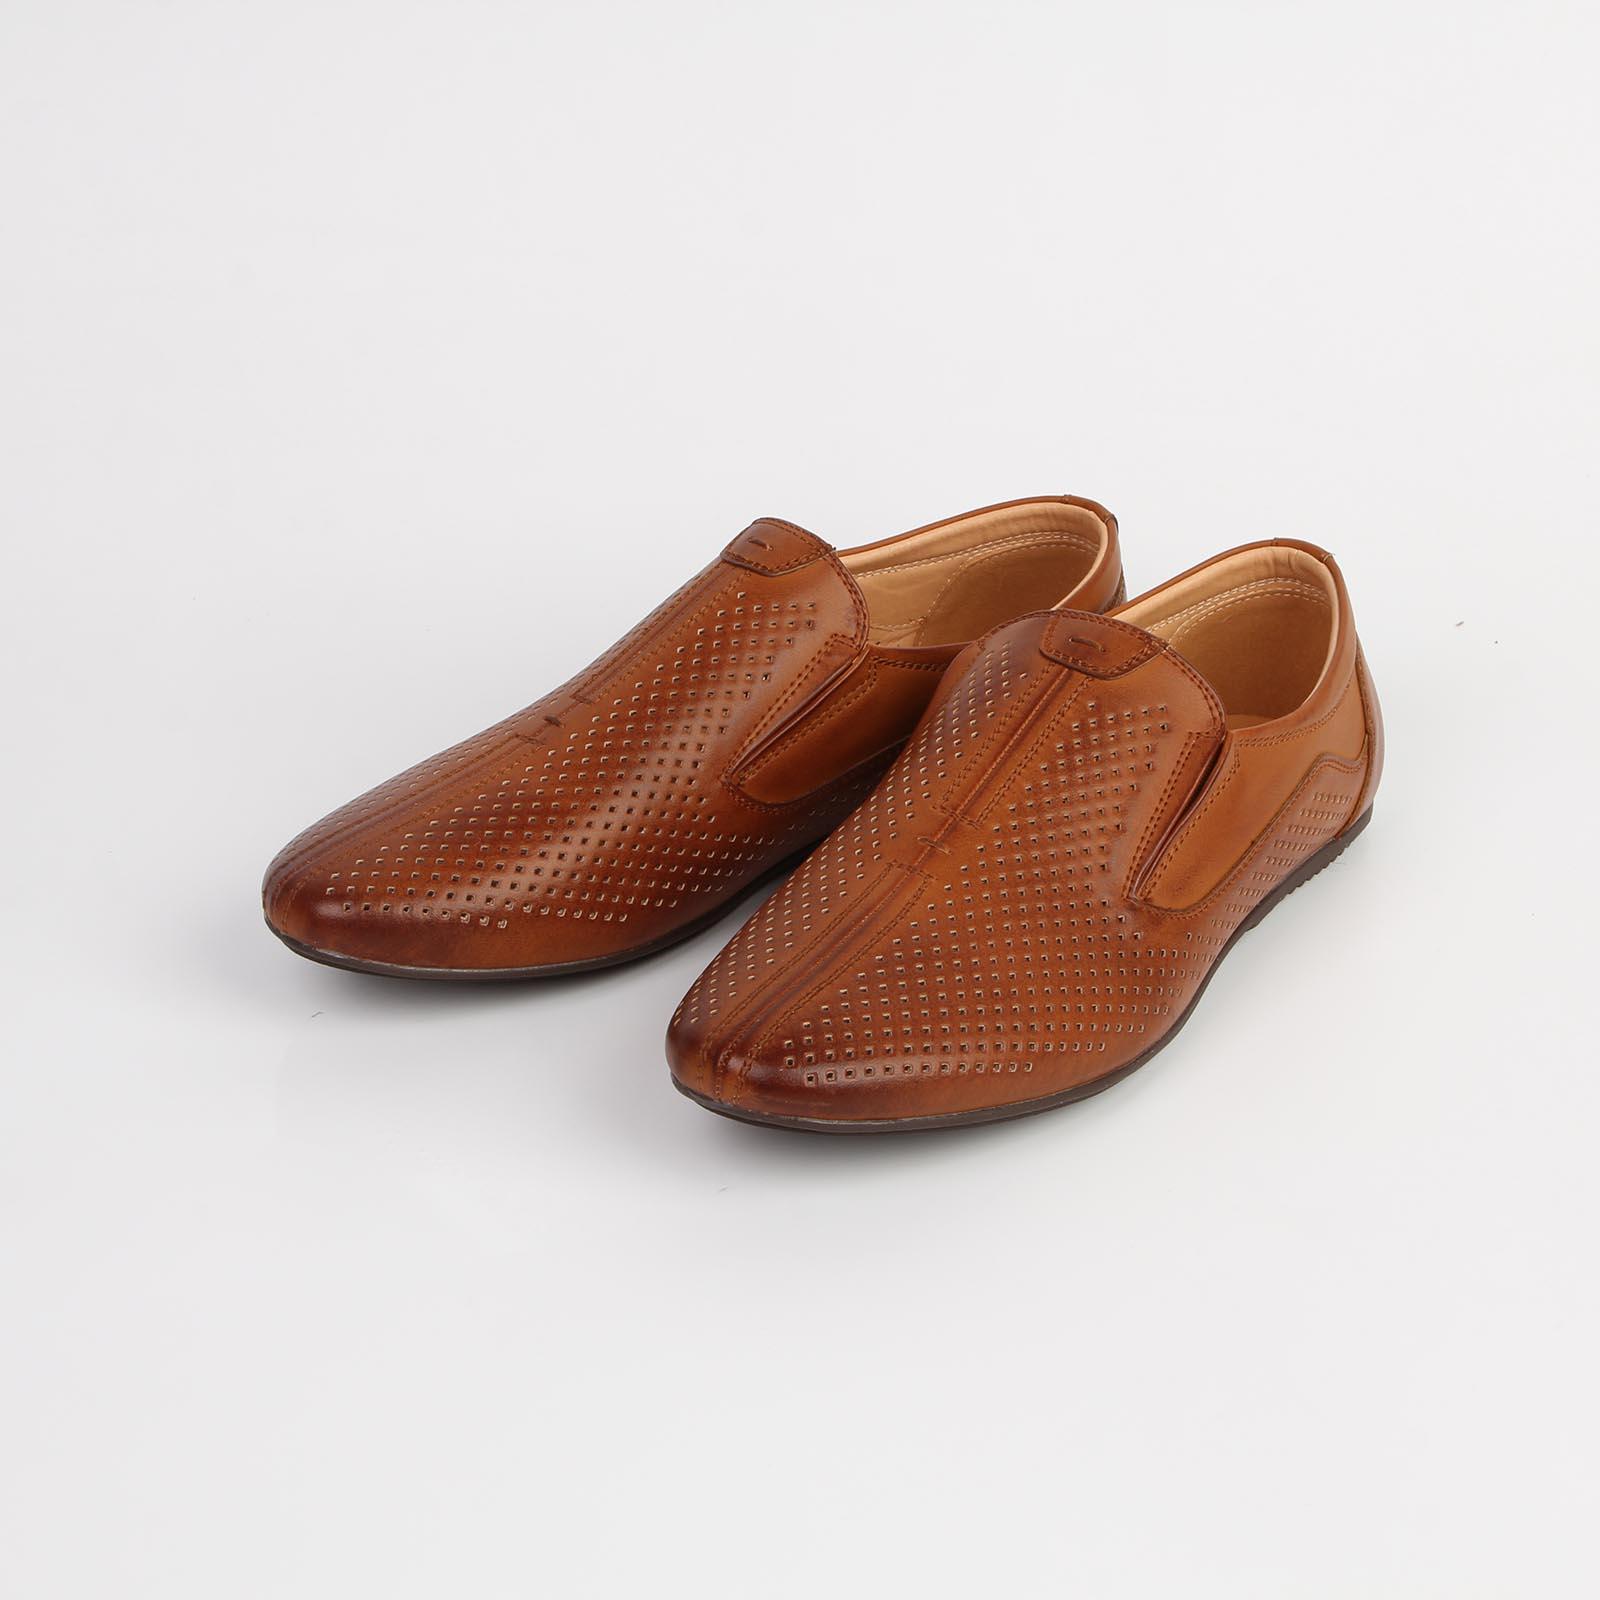 Туфли мужские перфорированные на плоской подошве